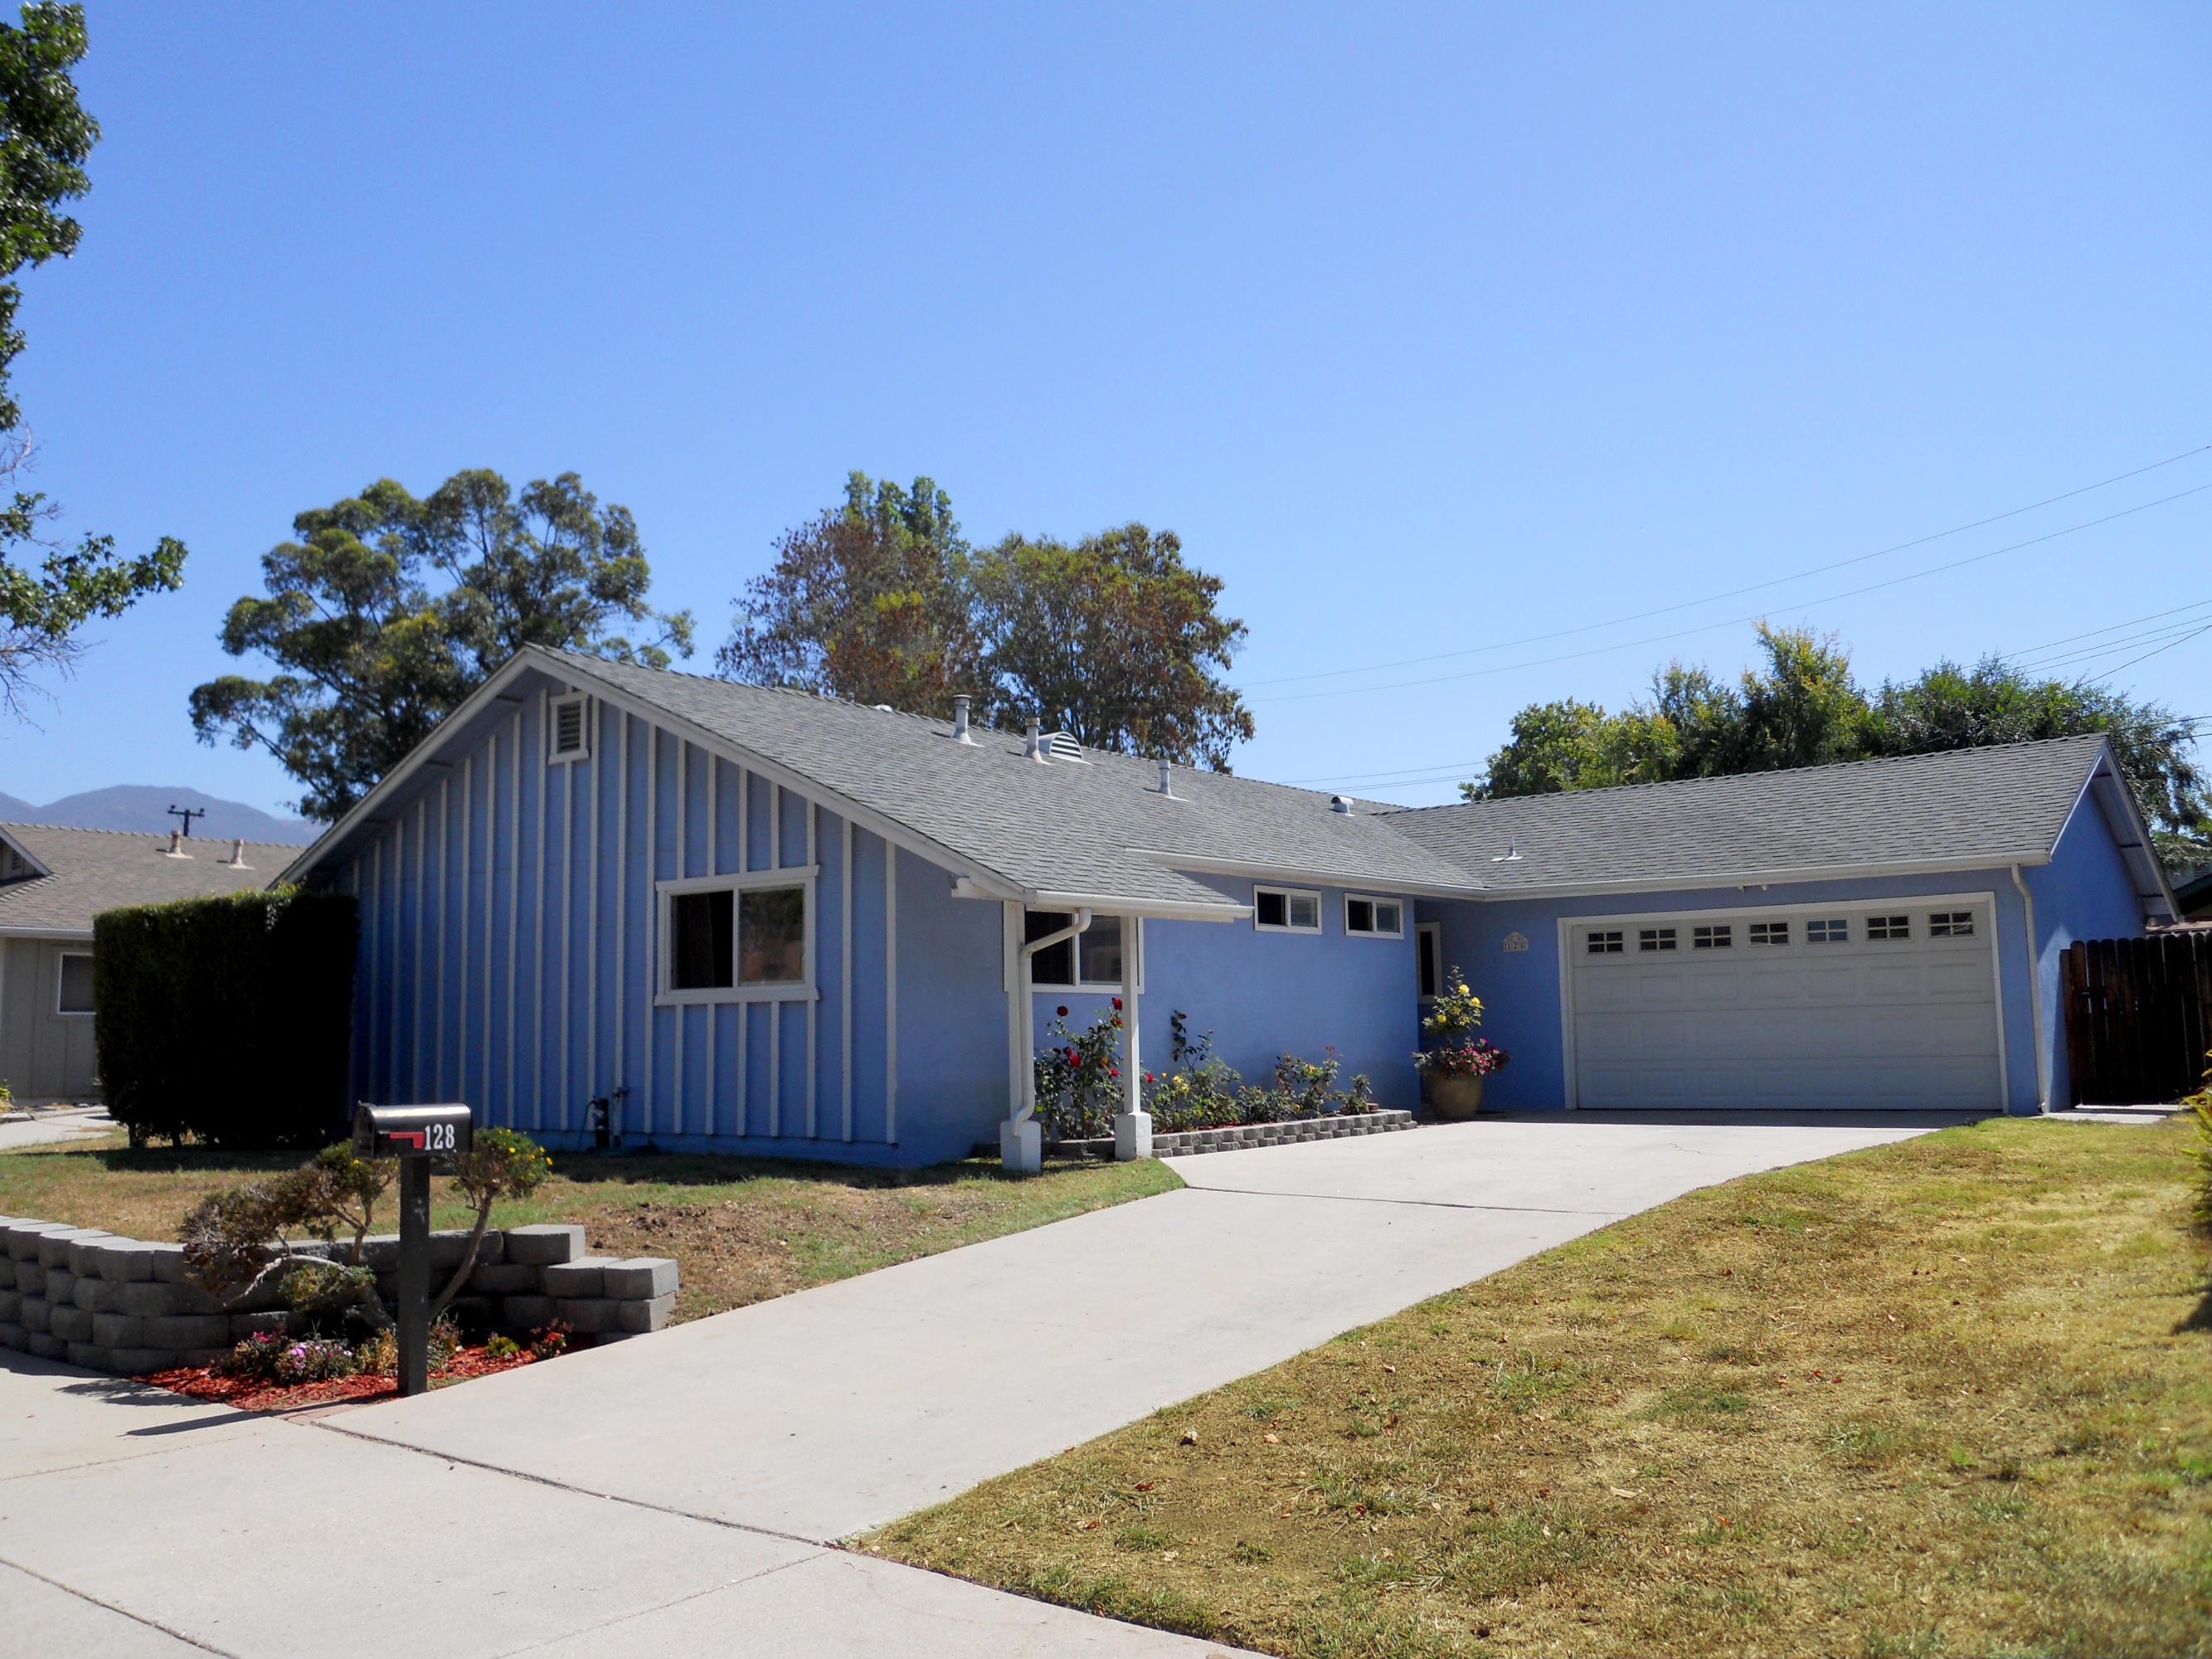 Property photo for 128 La Venta Dr Santa Barbara, California 93110 - 14-2334